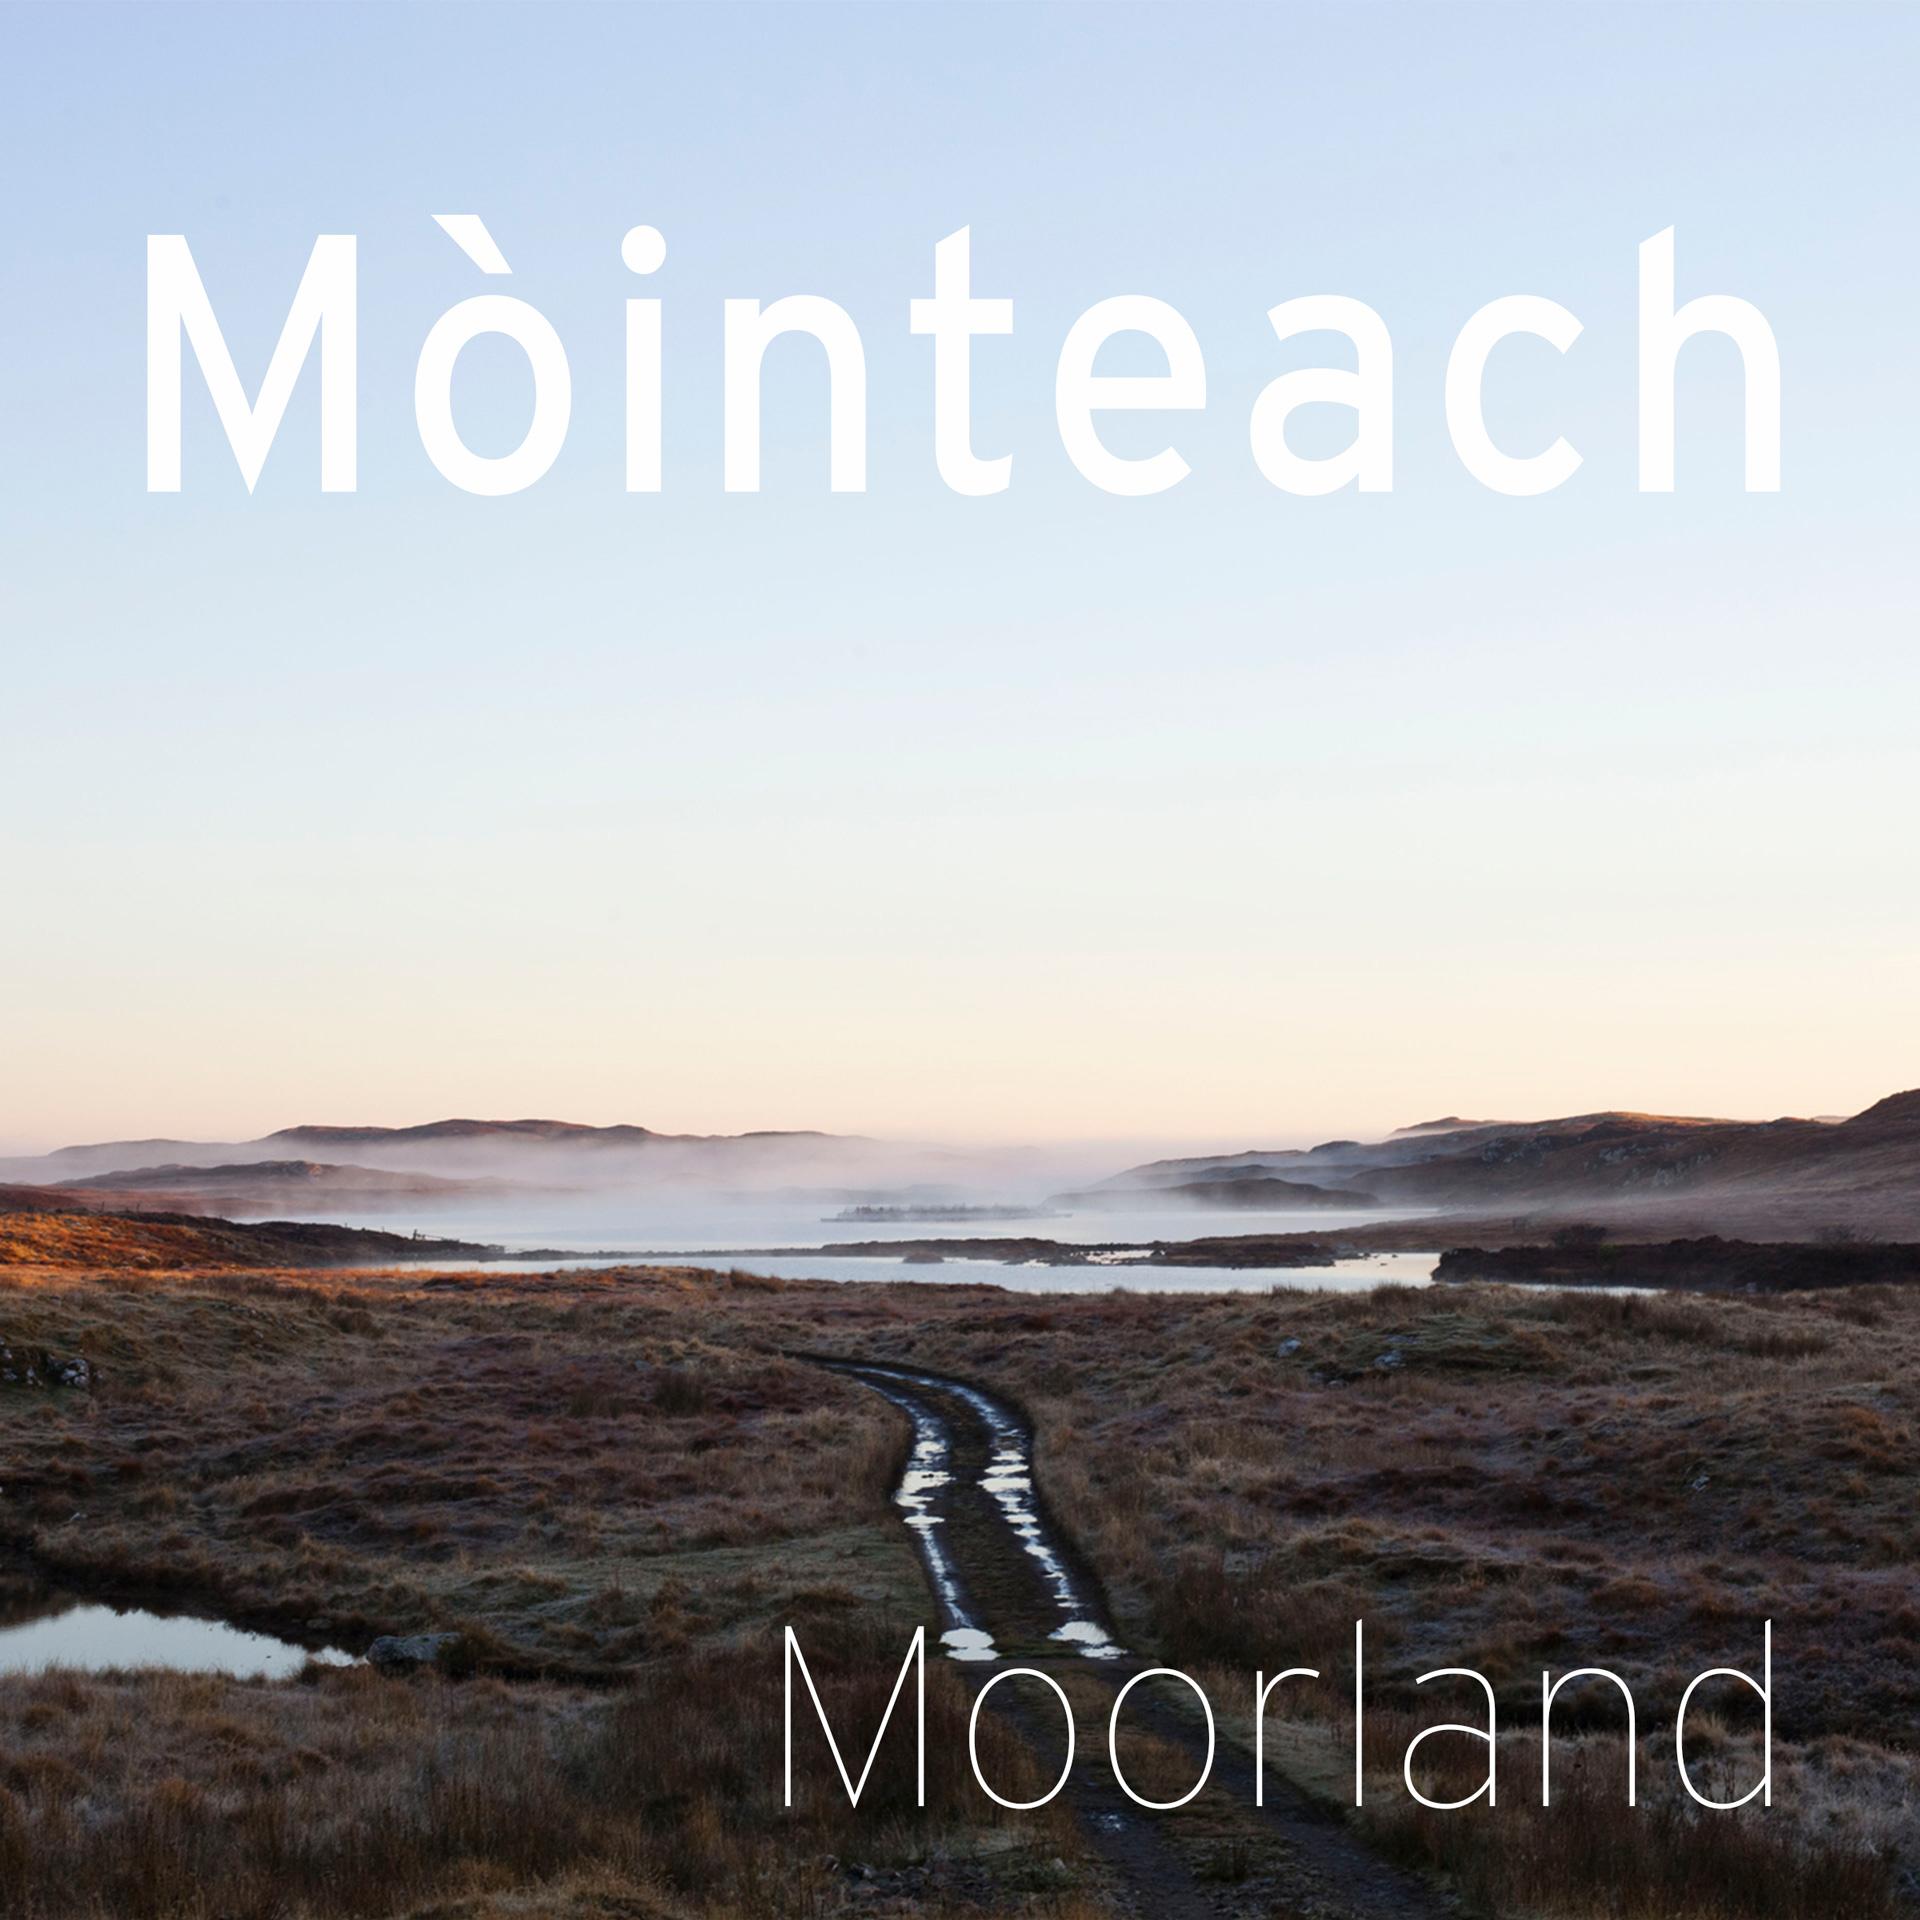 harris tweed authority moorland gaelic translation